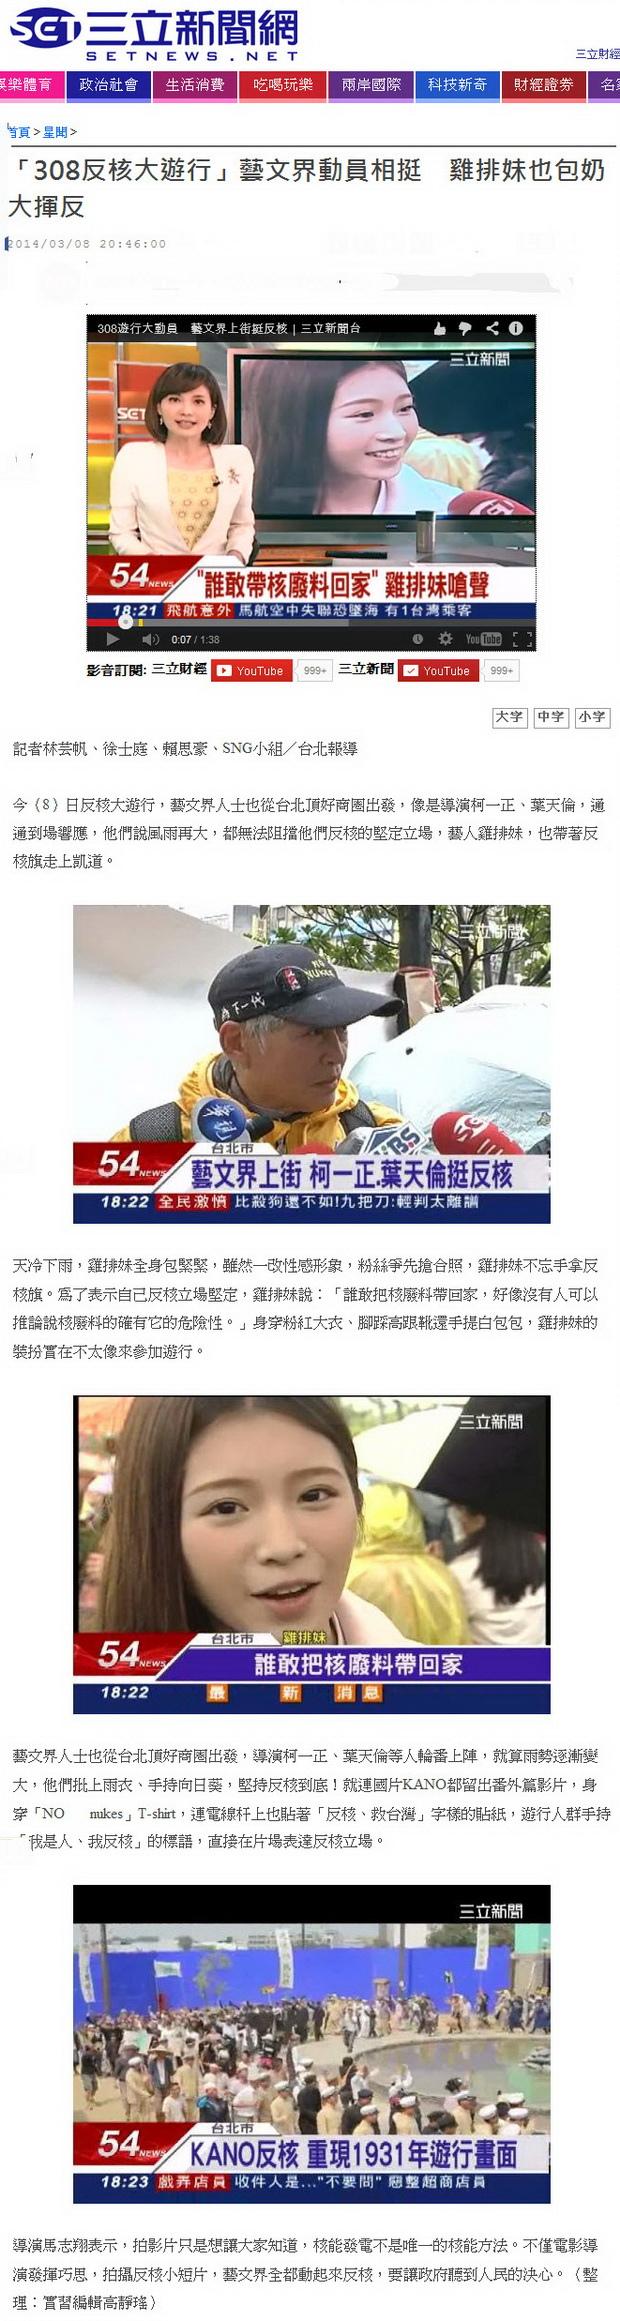 「308反核大遊行」藝文界動員相挺 雞排妹也包奶大揮反-2014.03.09.jpg